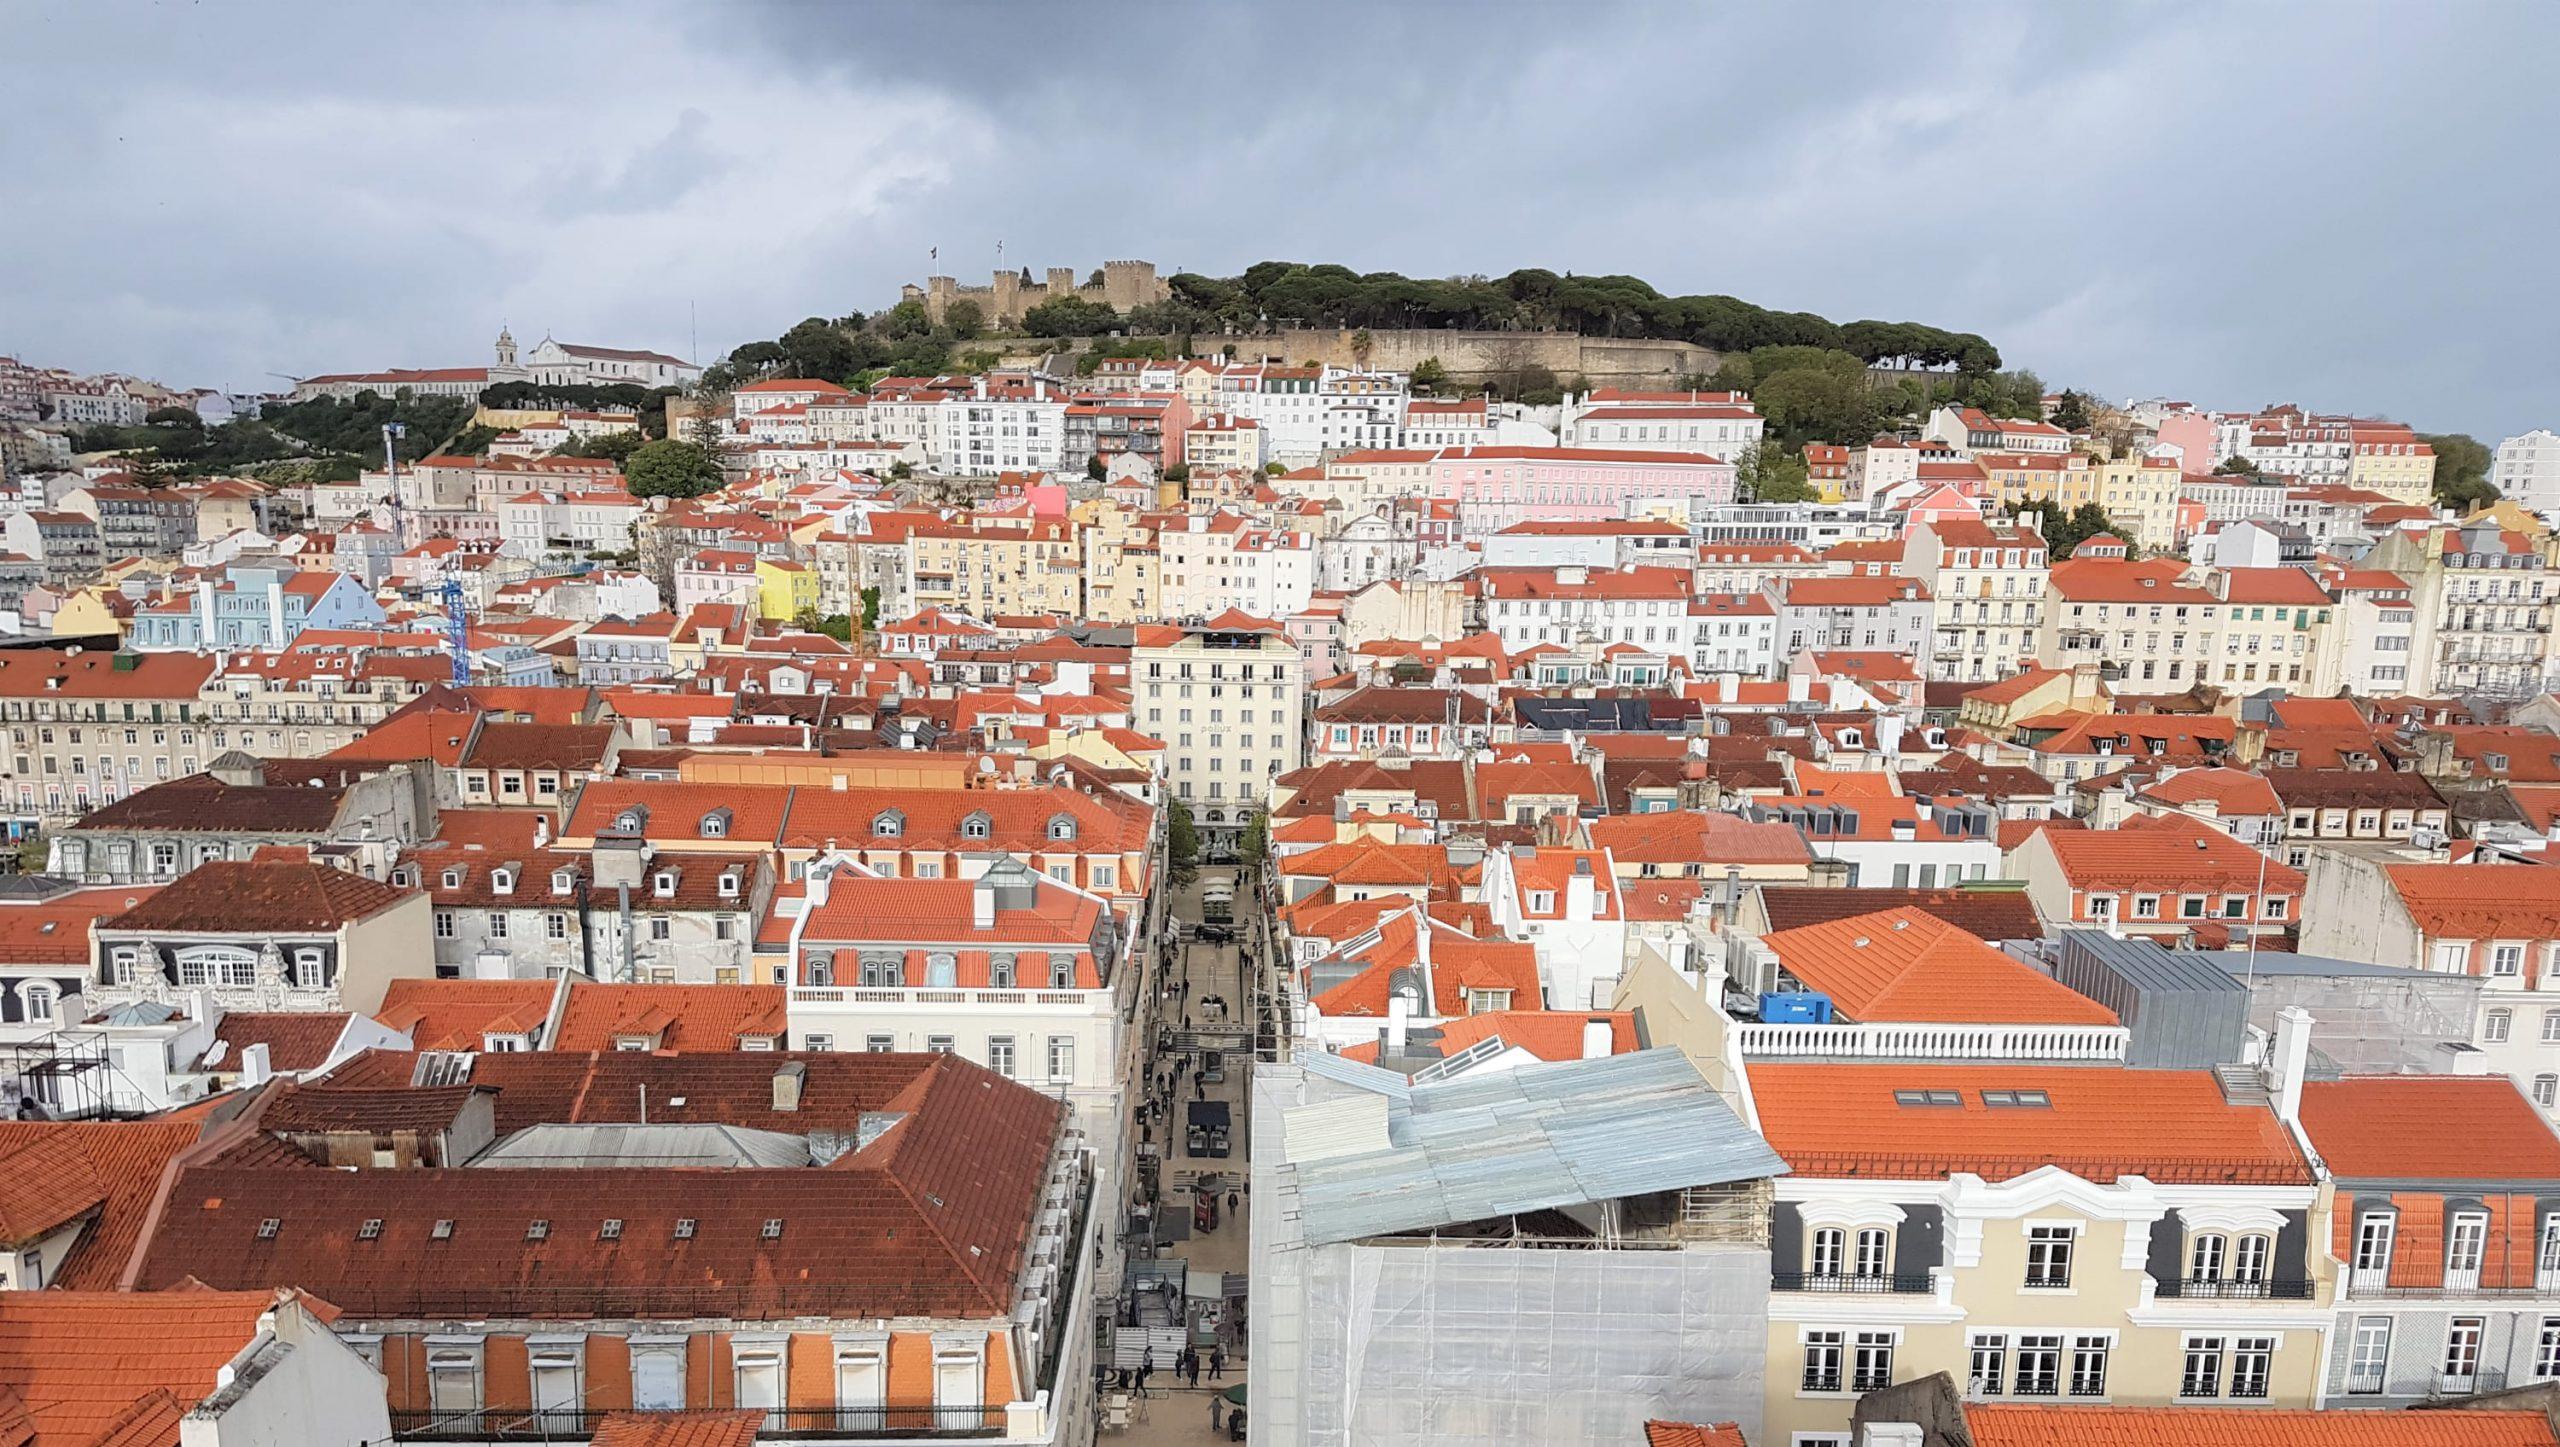 Castillo de San Jorge visto desde el elevador de Santa Justa de Lisboa